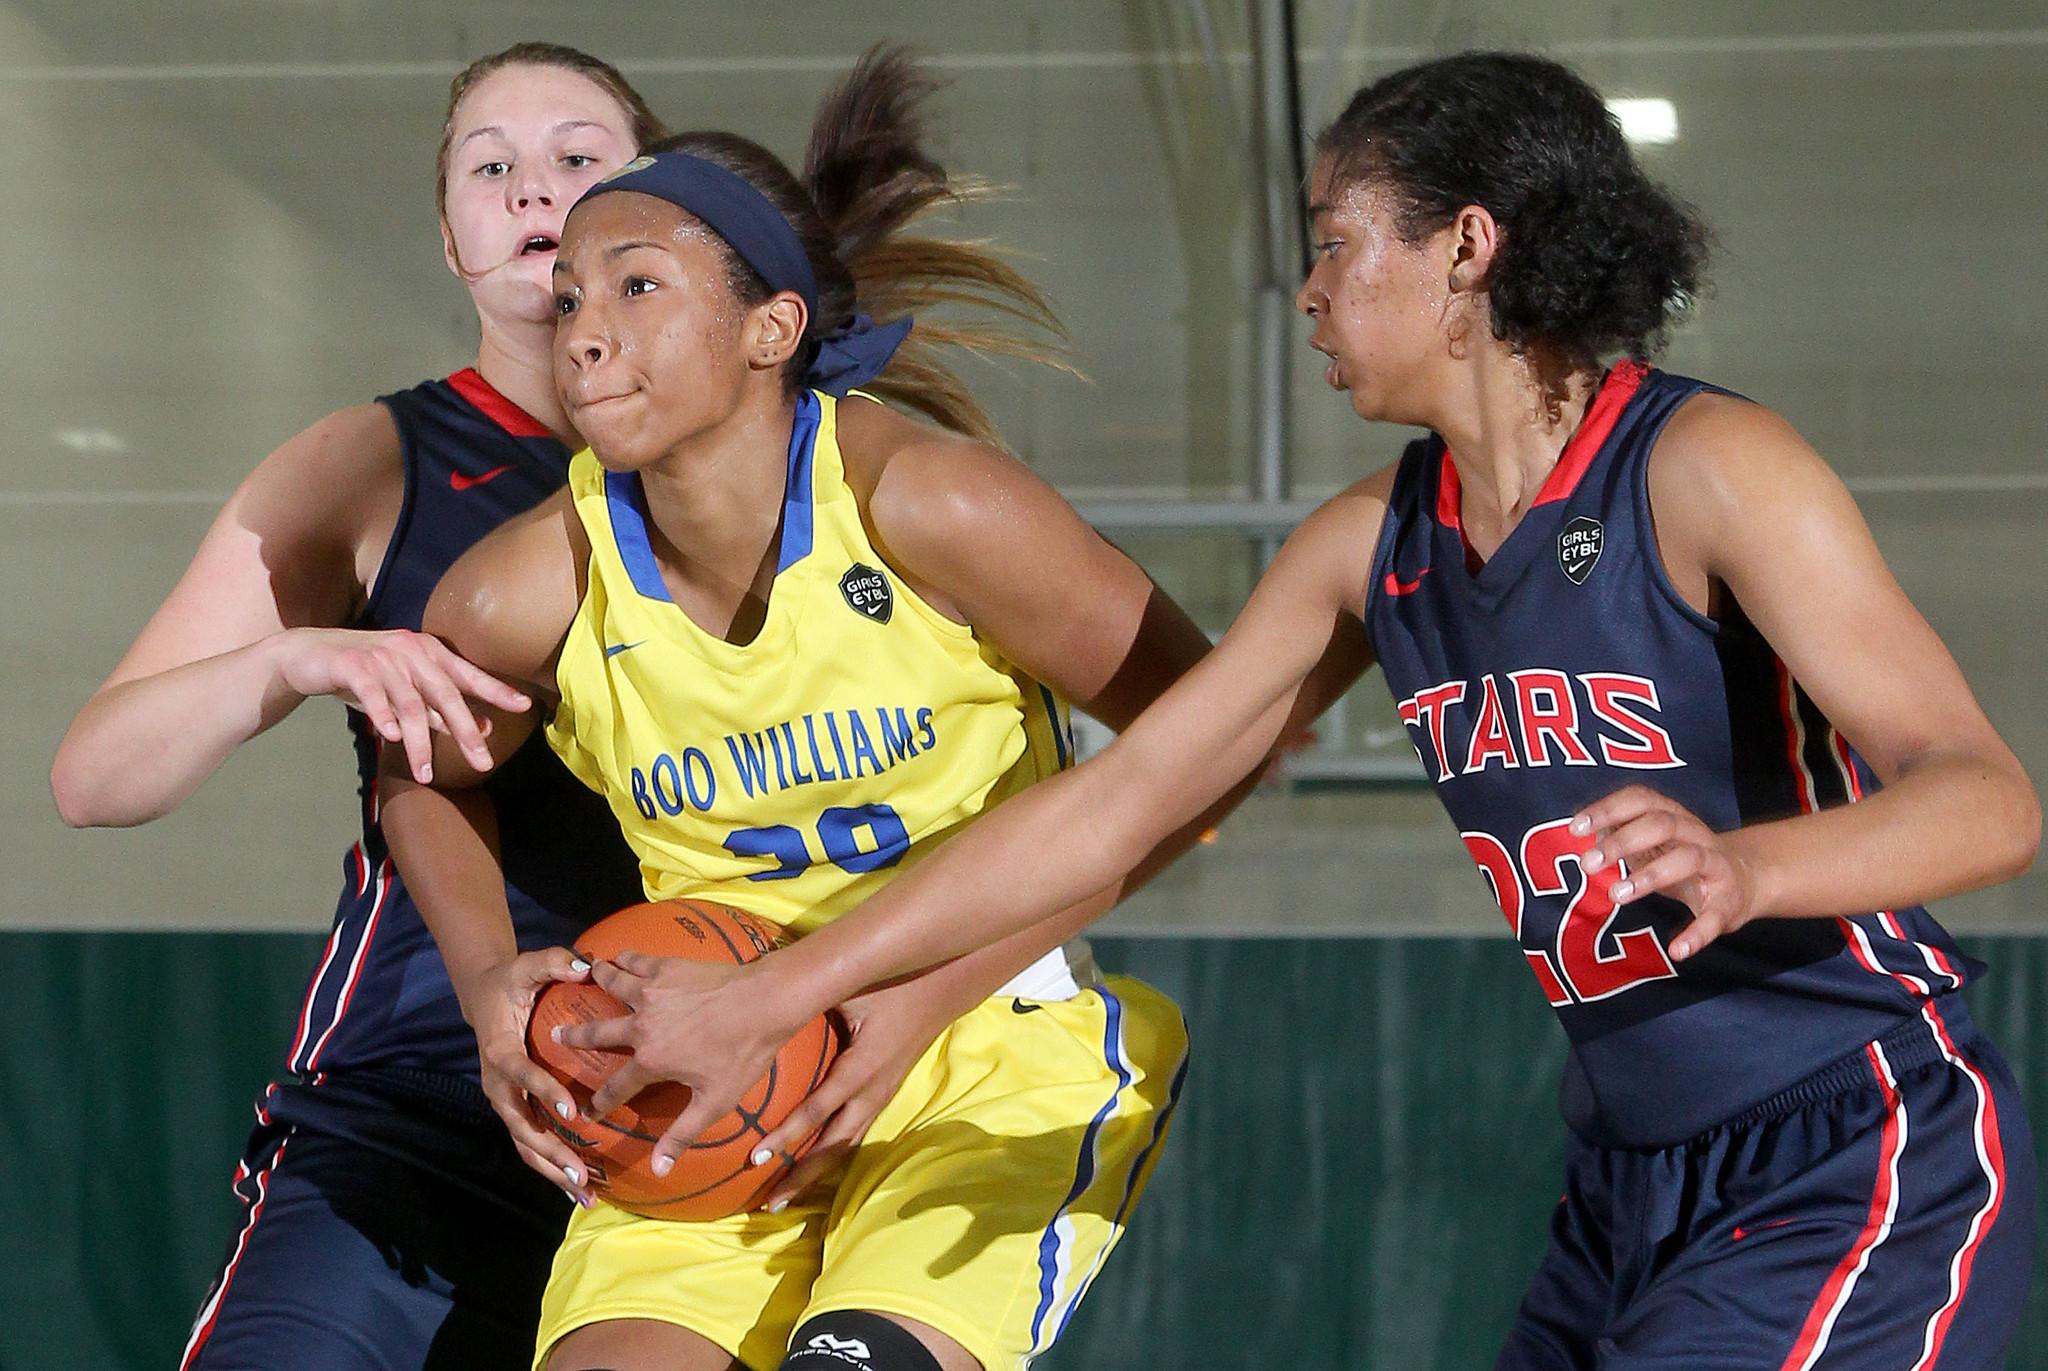 Nike Elite Youth Invitational – Ohio Youth Girls Basketball